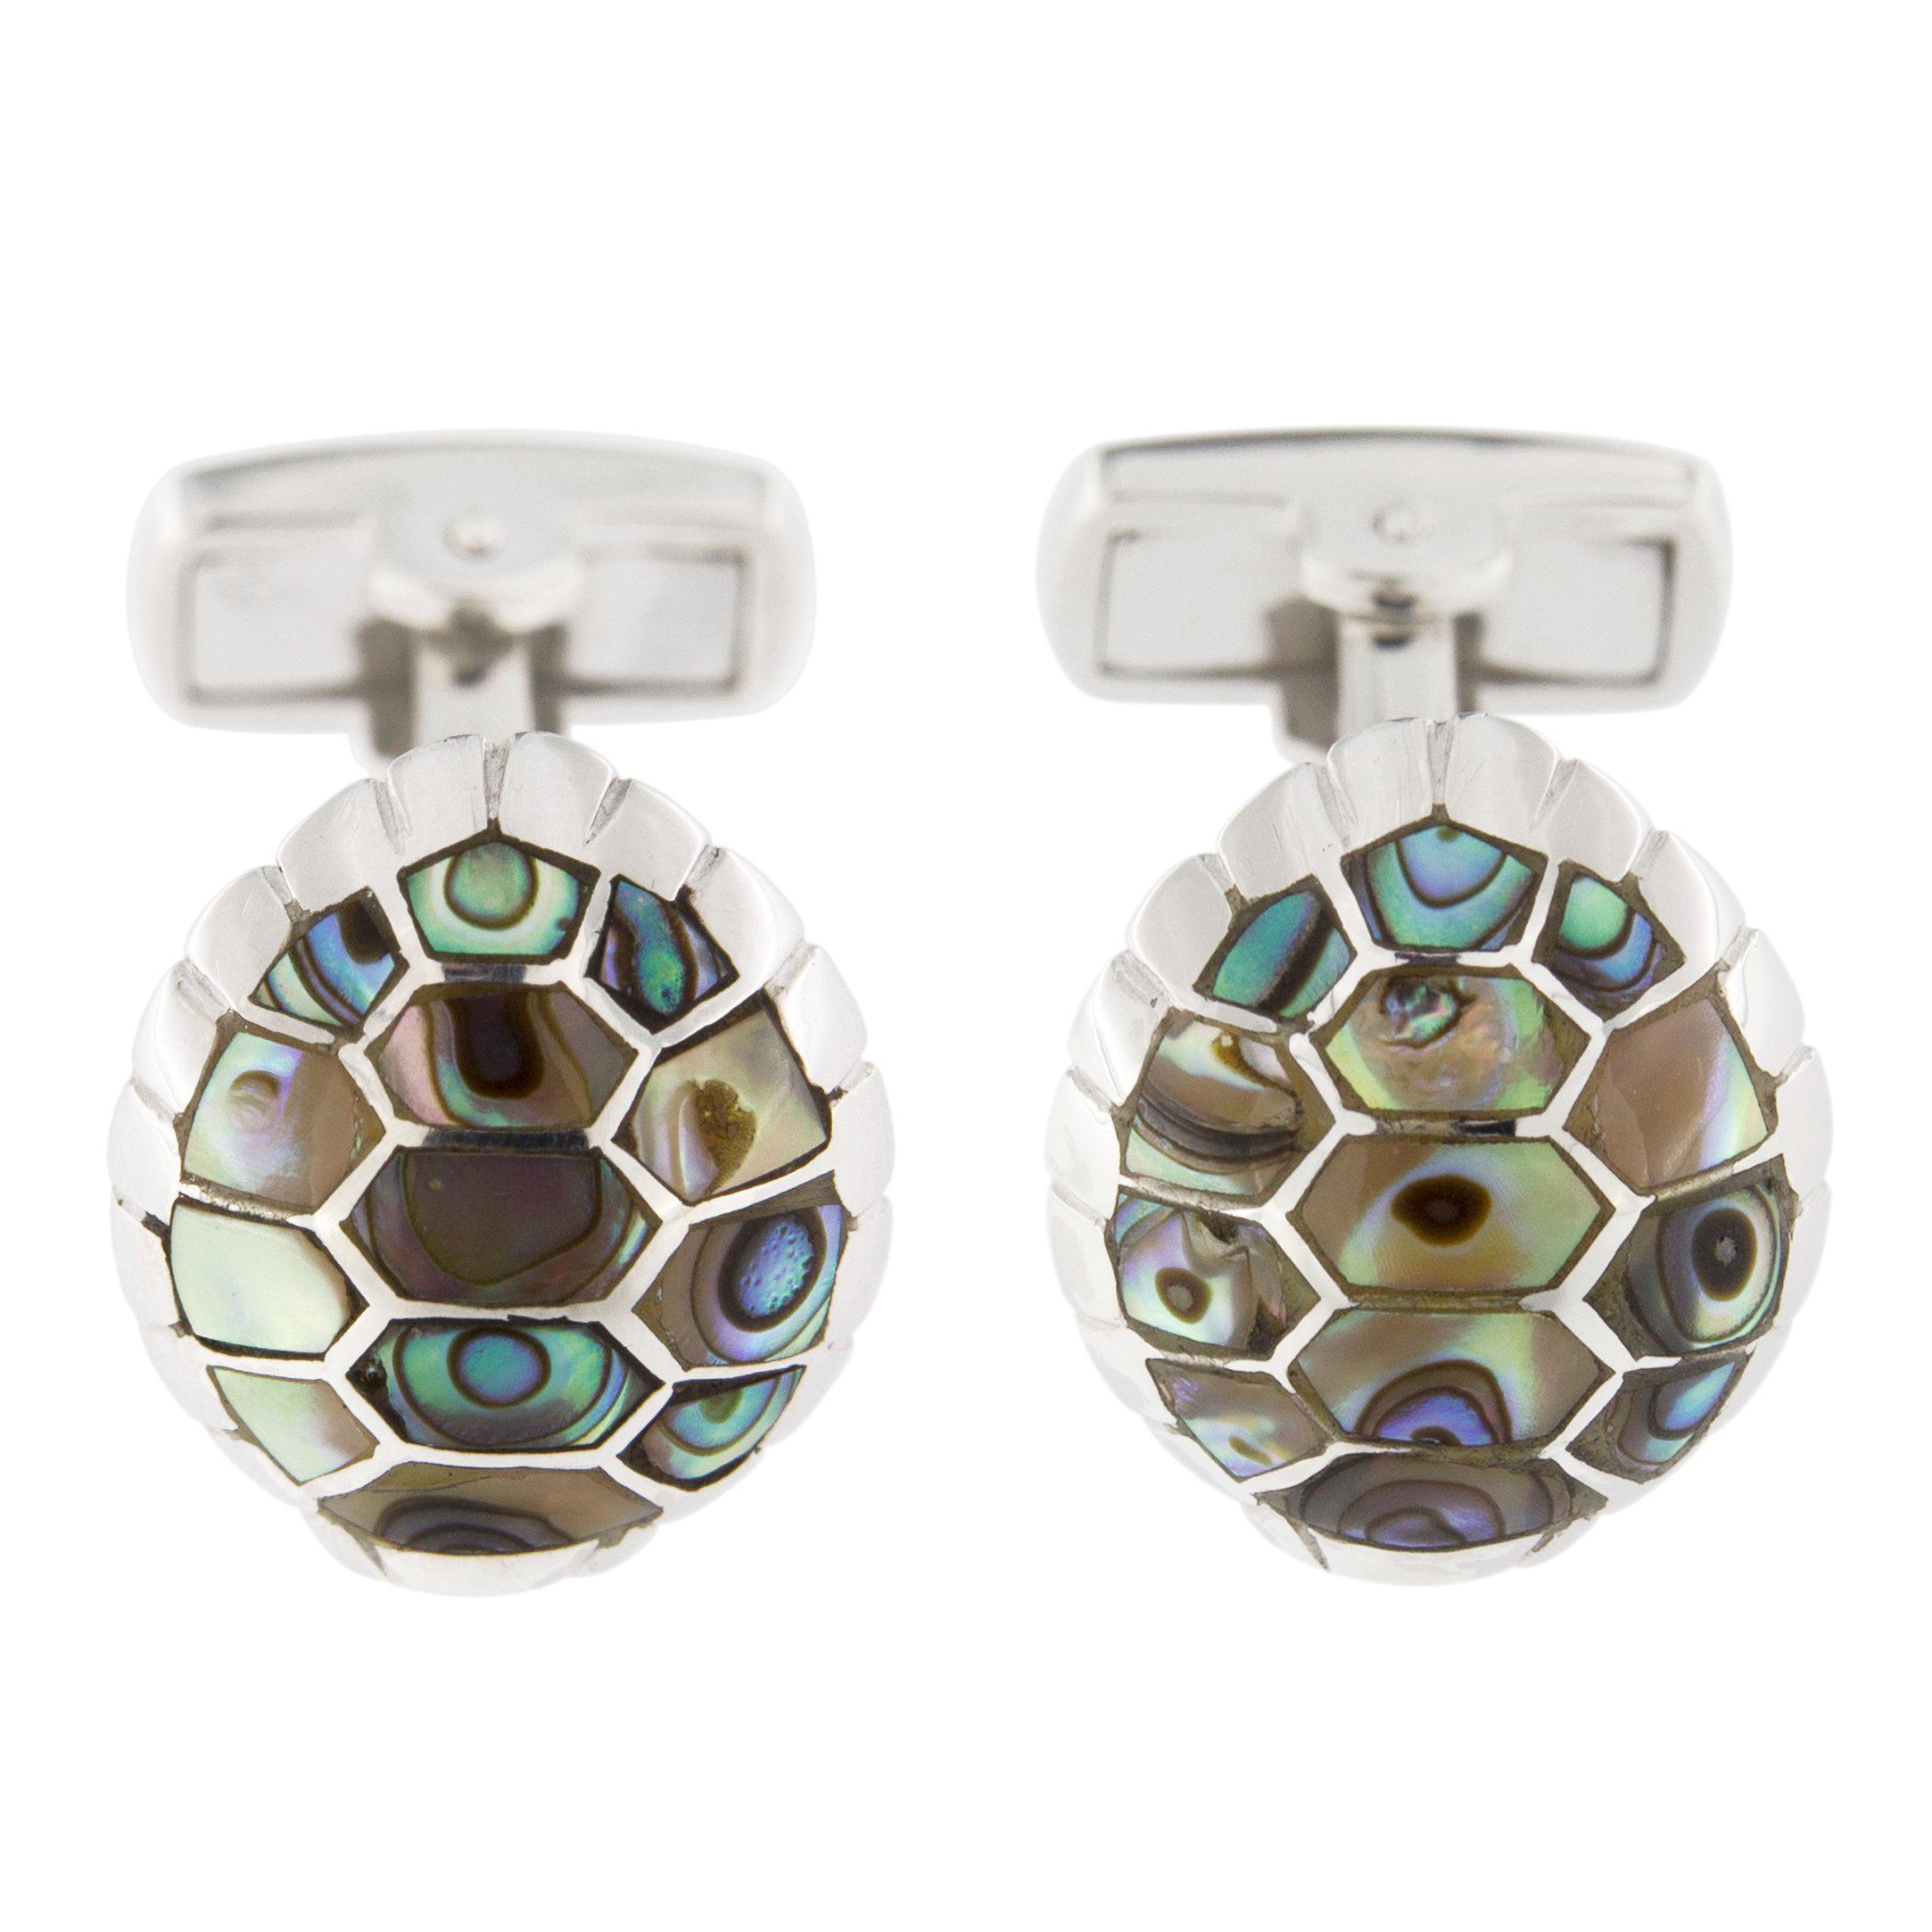 Alex Jona Sterling Silver Turtle Cufflinks